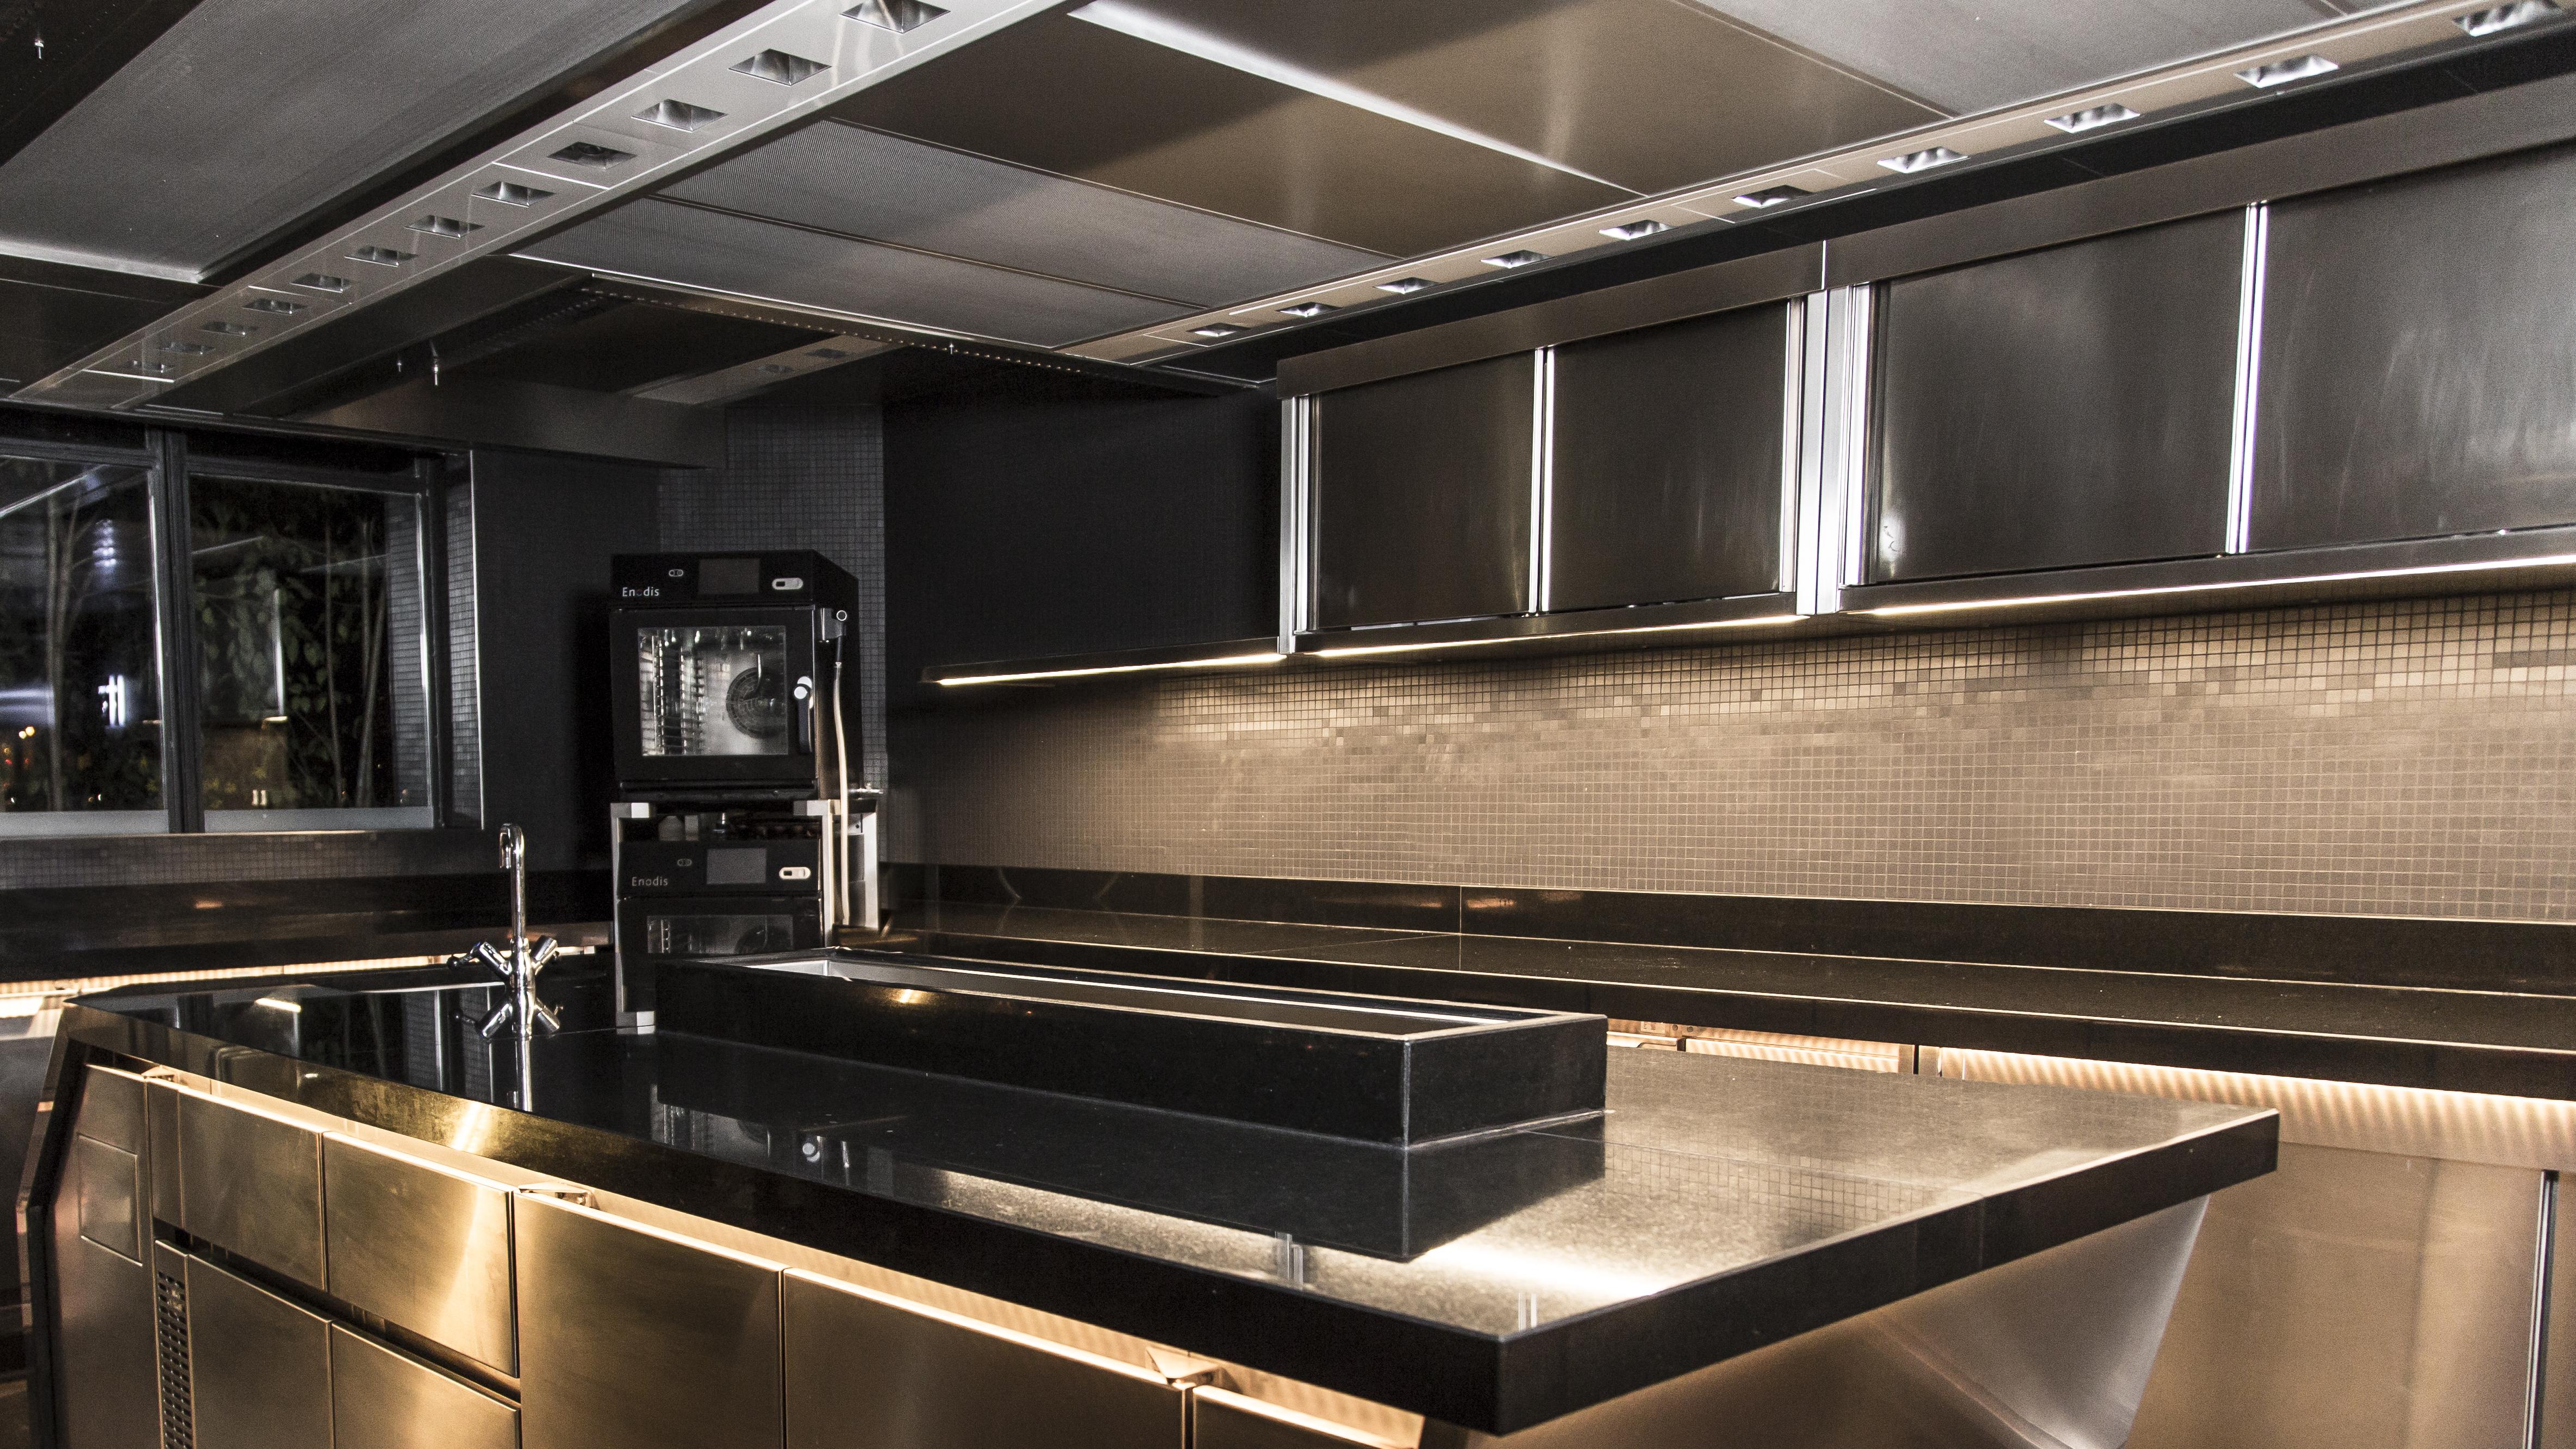 Küche Pavillon Ledoyen